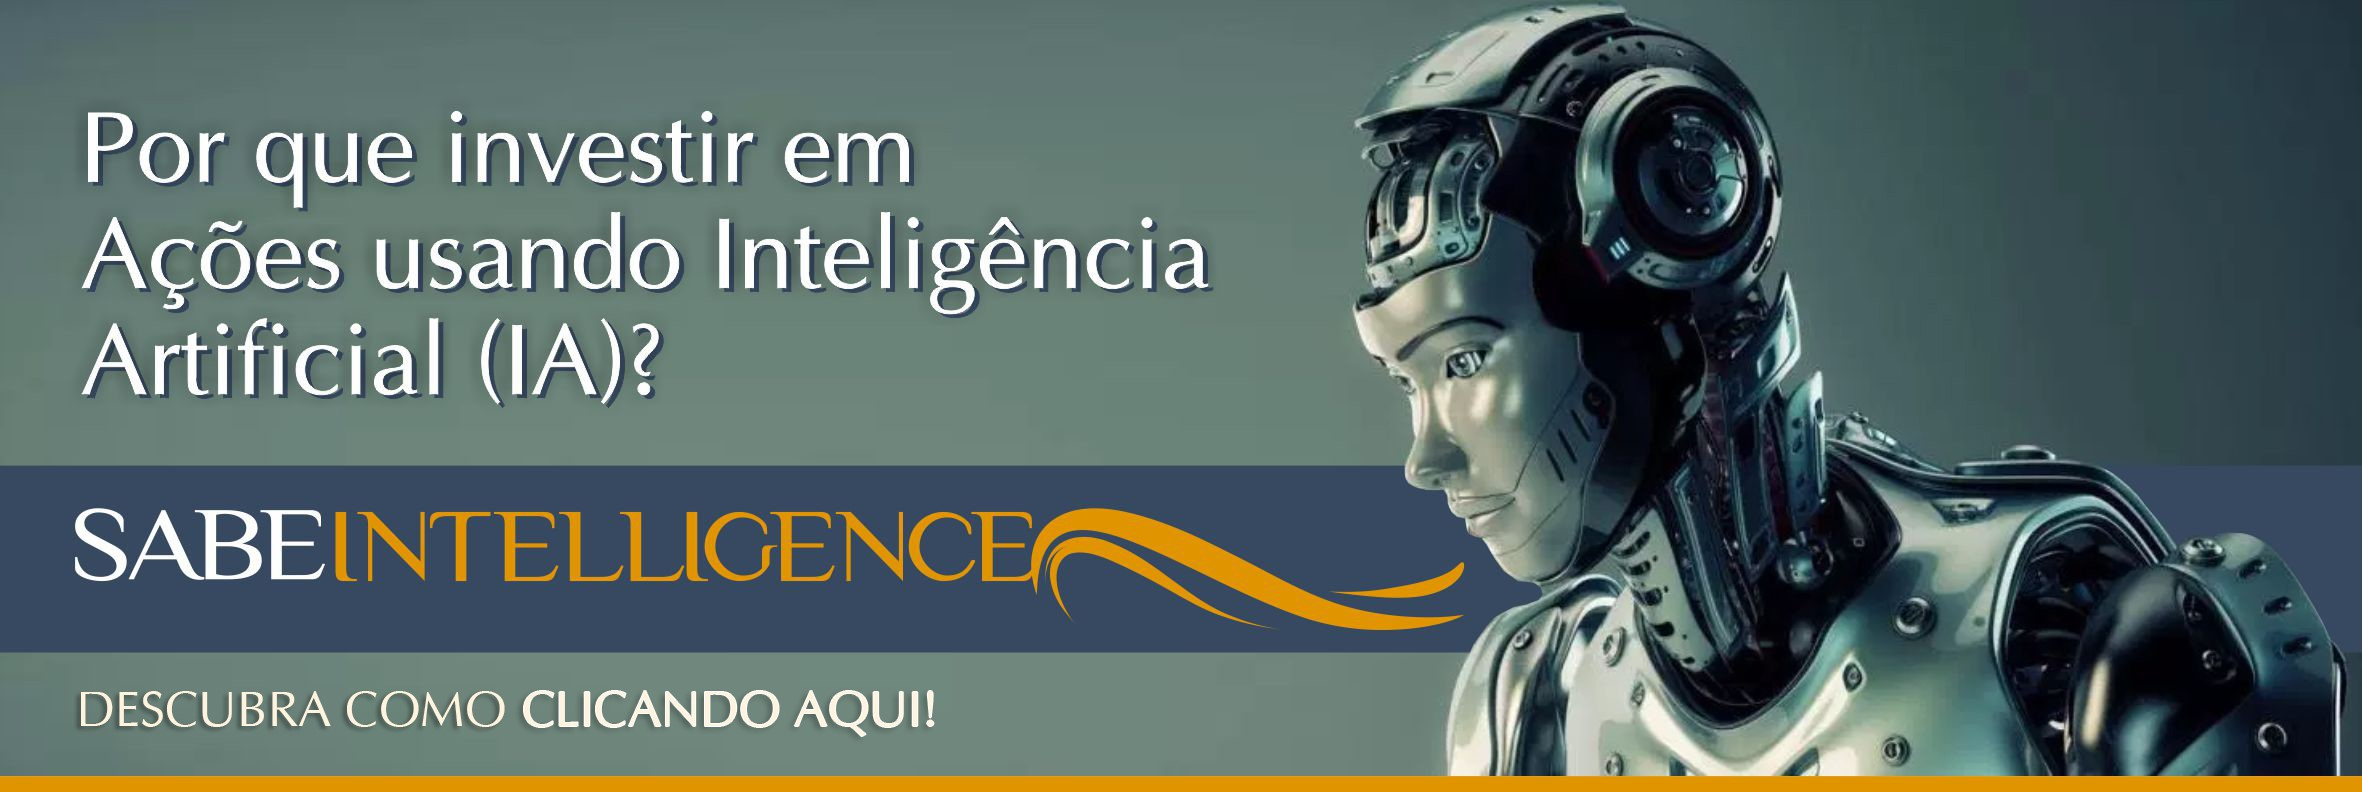 Por que investir em Ações usando Inteligência Artificial (IA)?